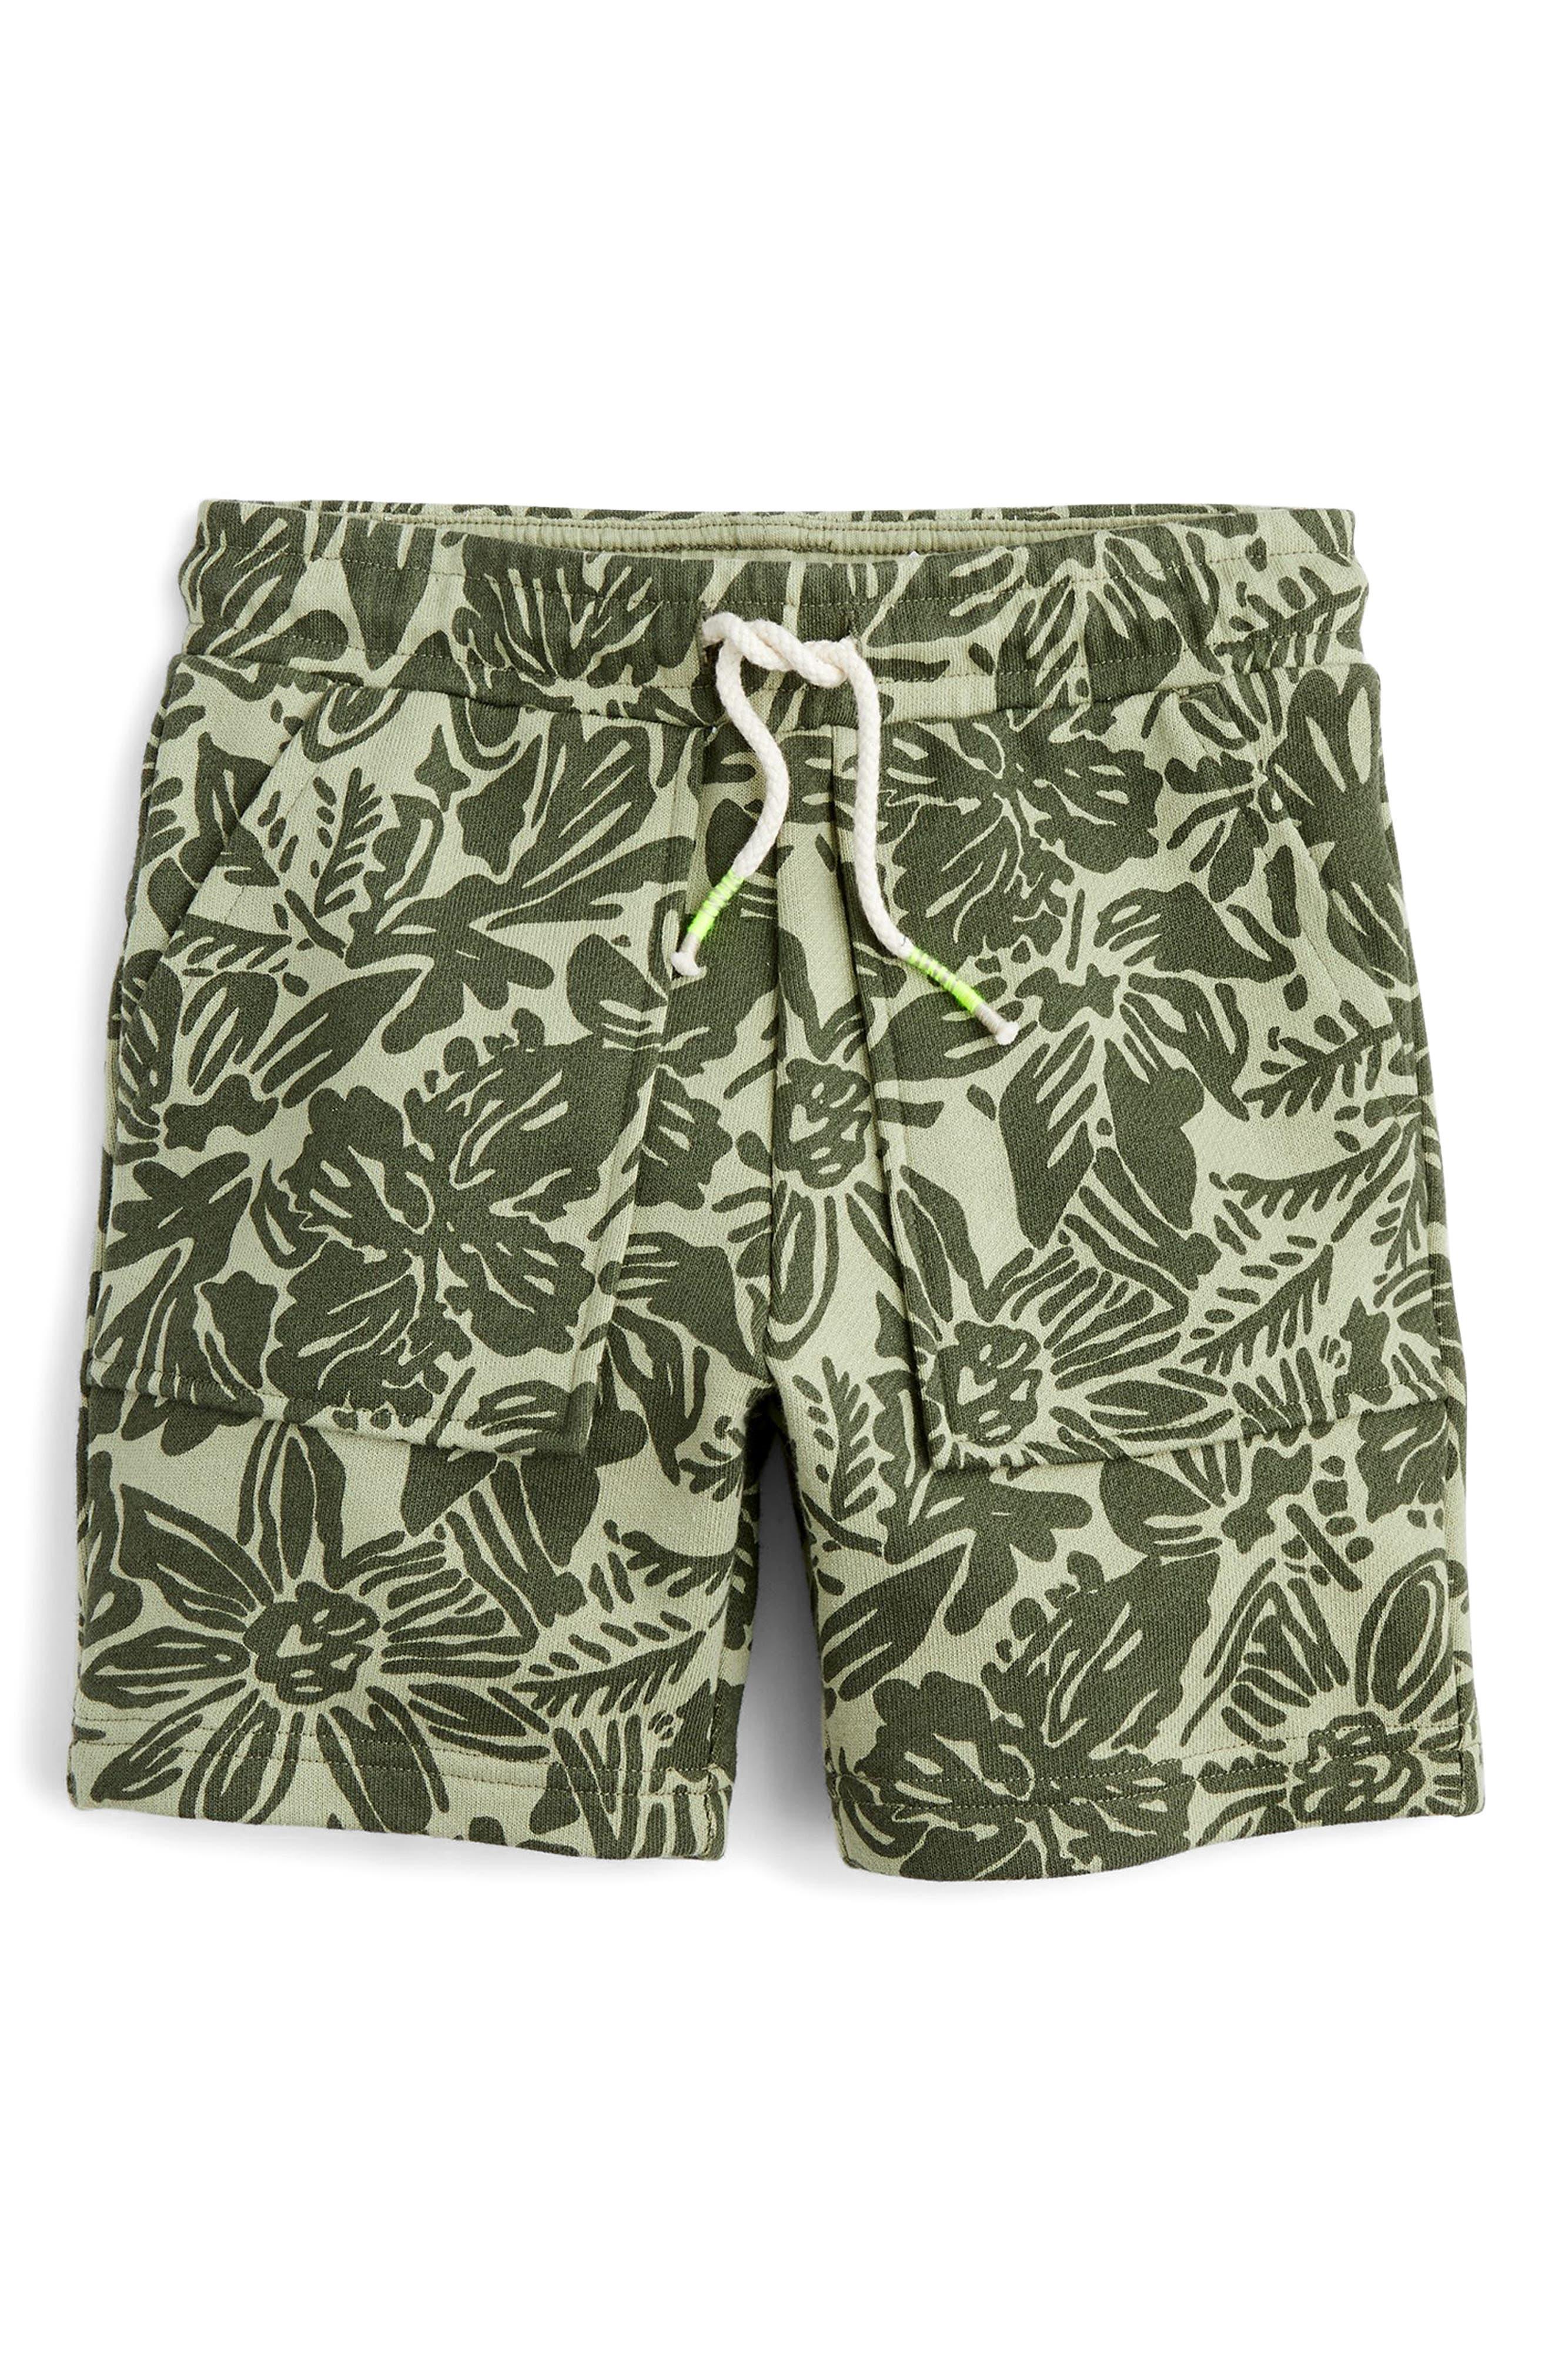 Print Knit Shorts,                             Main thumbnail 1, color,                             300